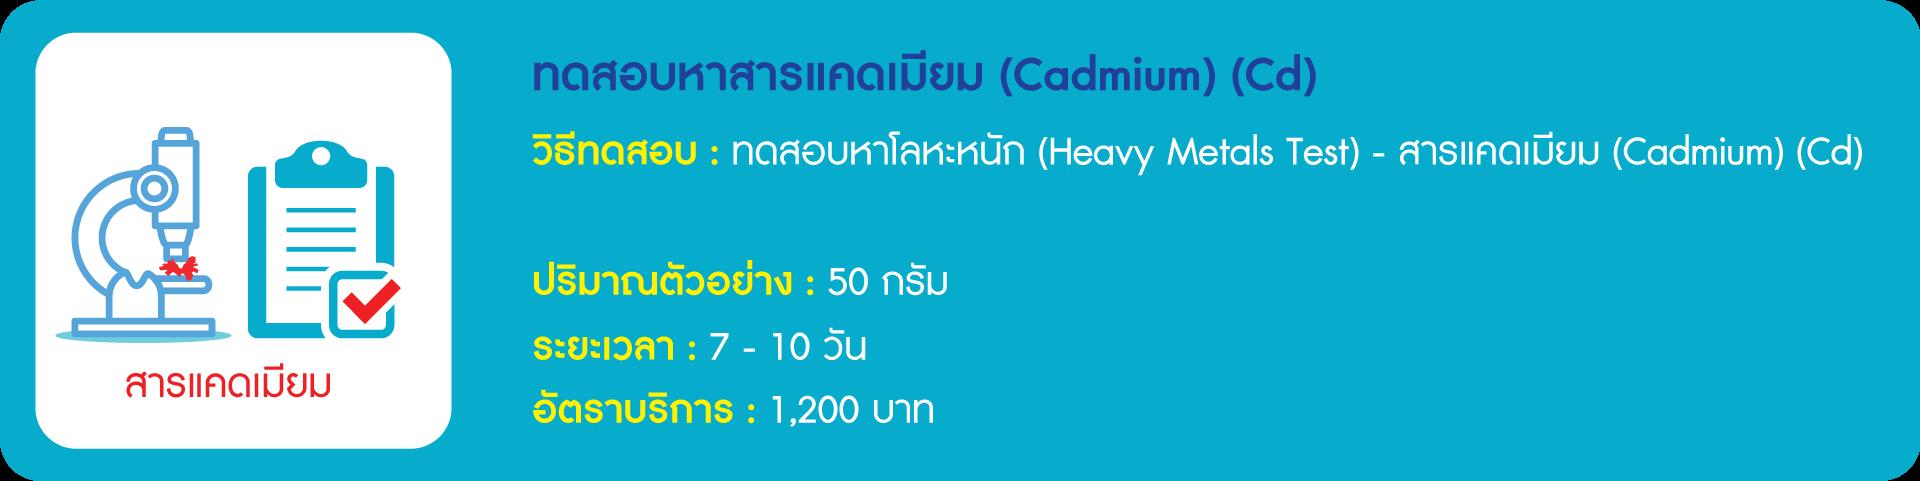 สารแคดเมียม (Cadmium) (Cd)